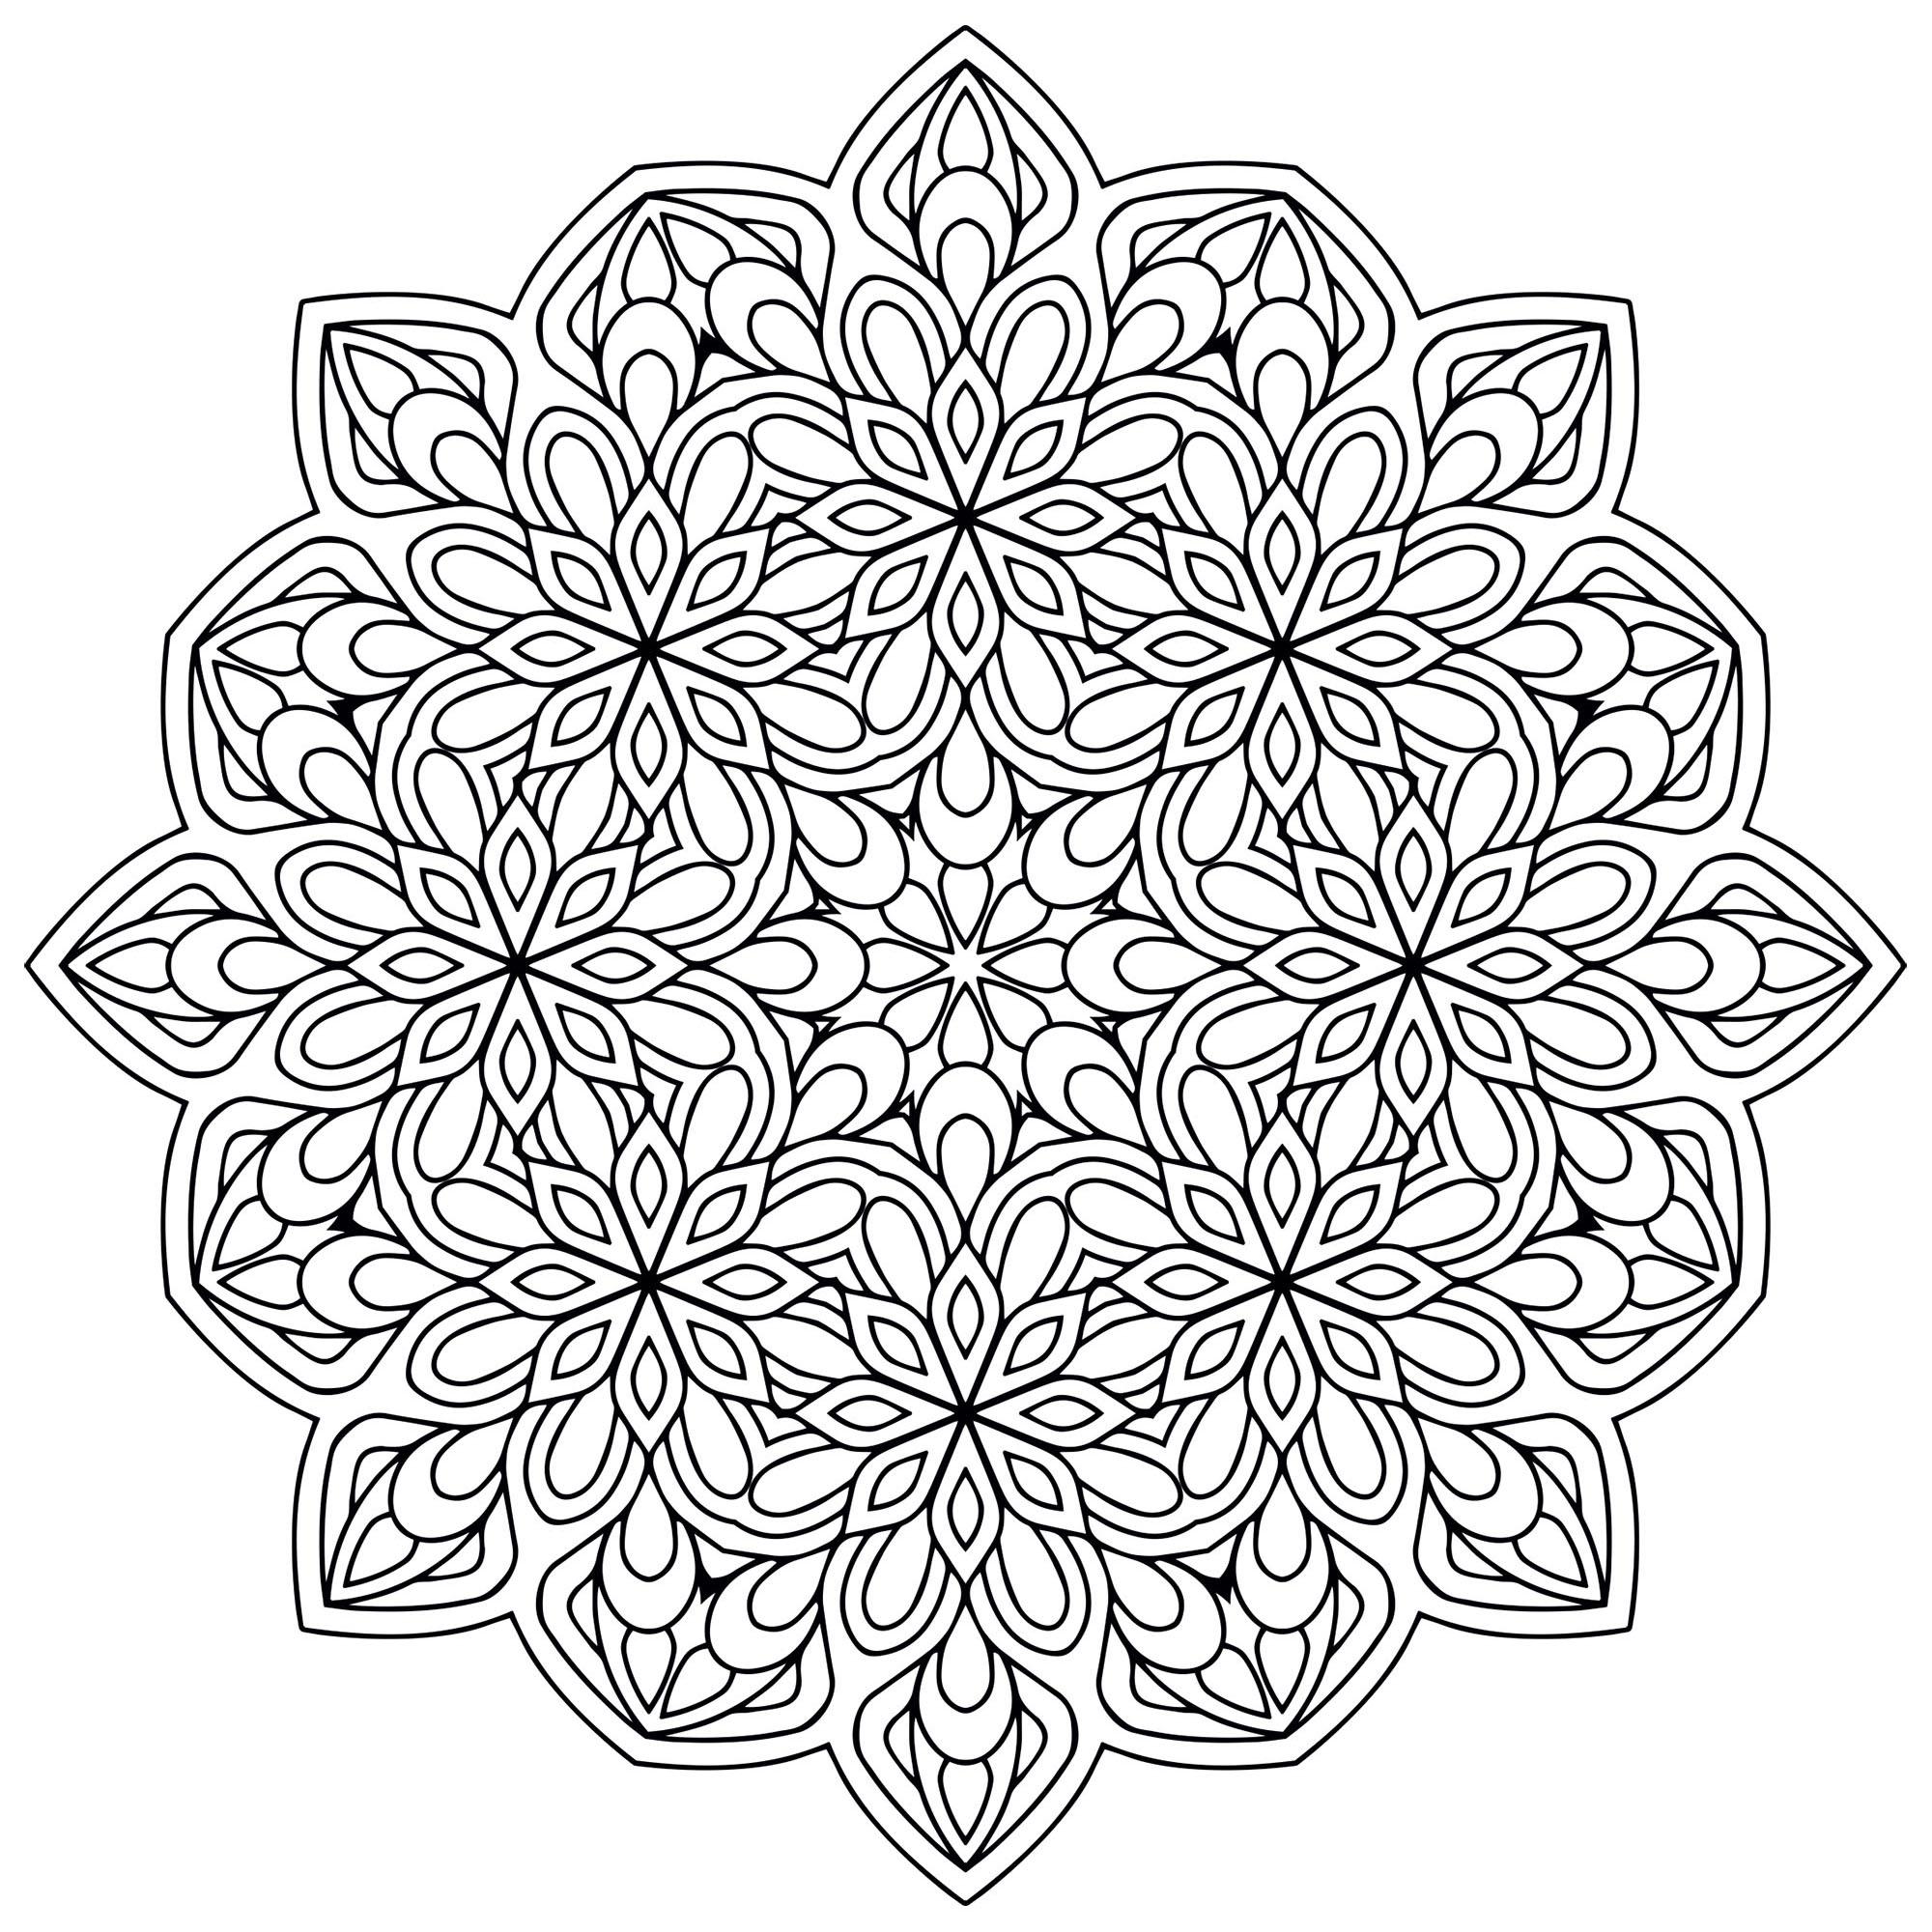 Mandala Zen Antistress 9 - Mandalas - Coloriages avec Coloriages Zen